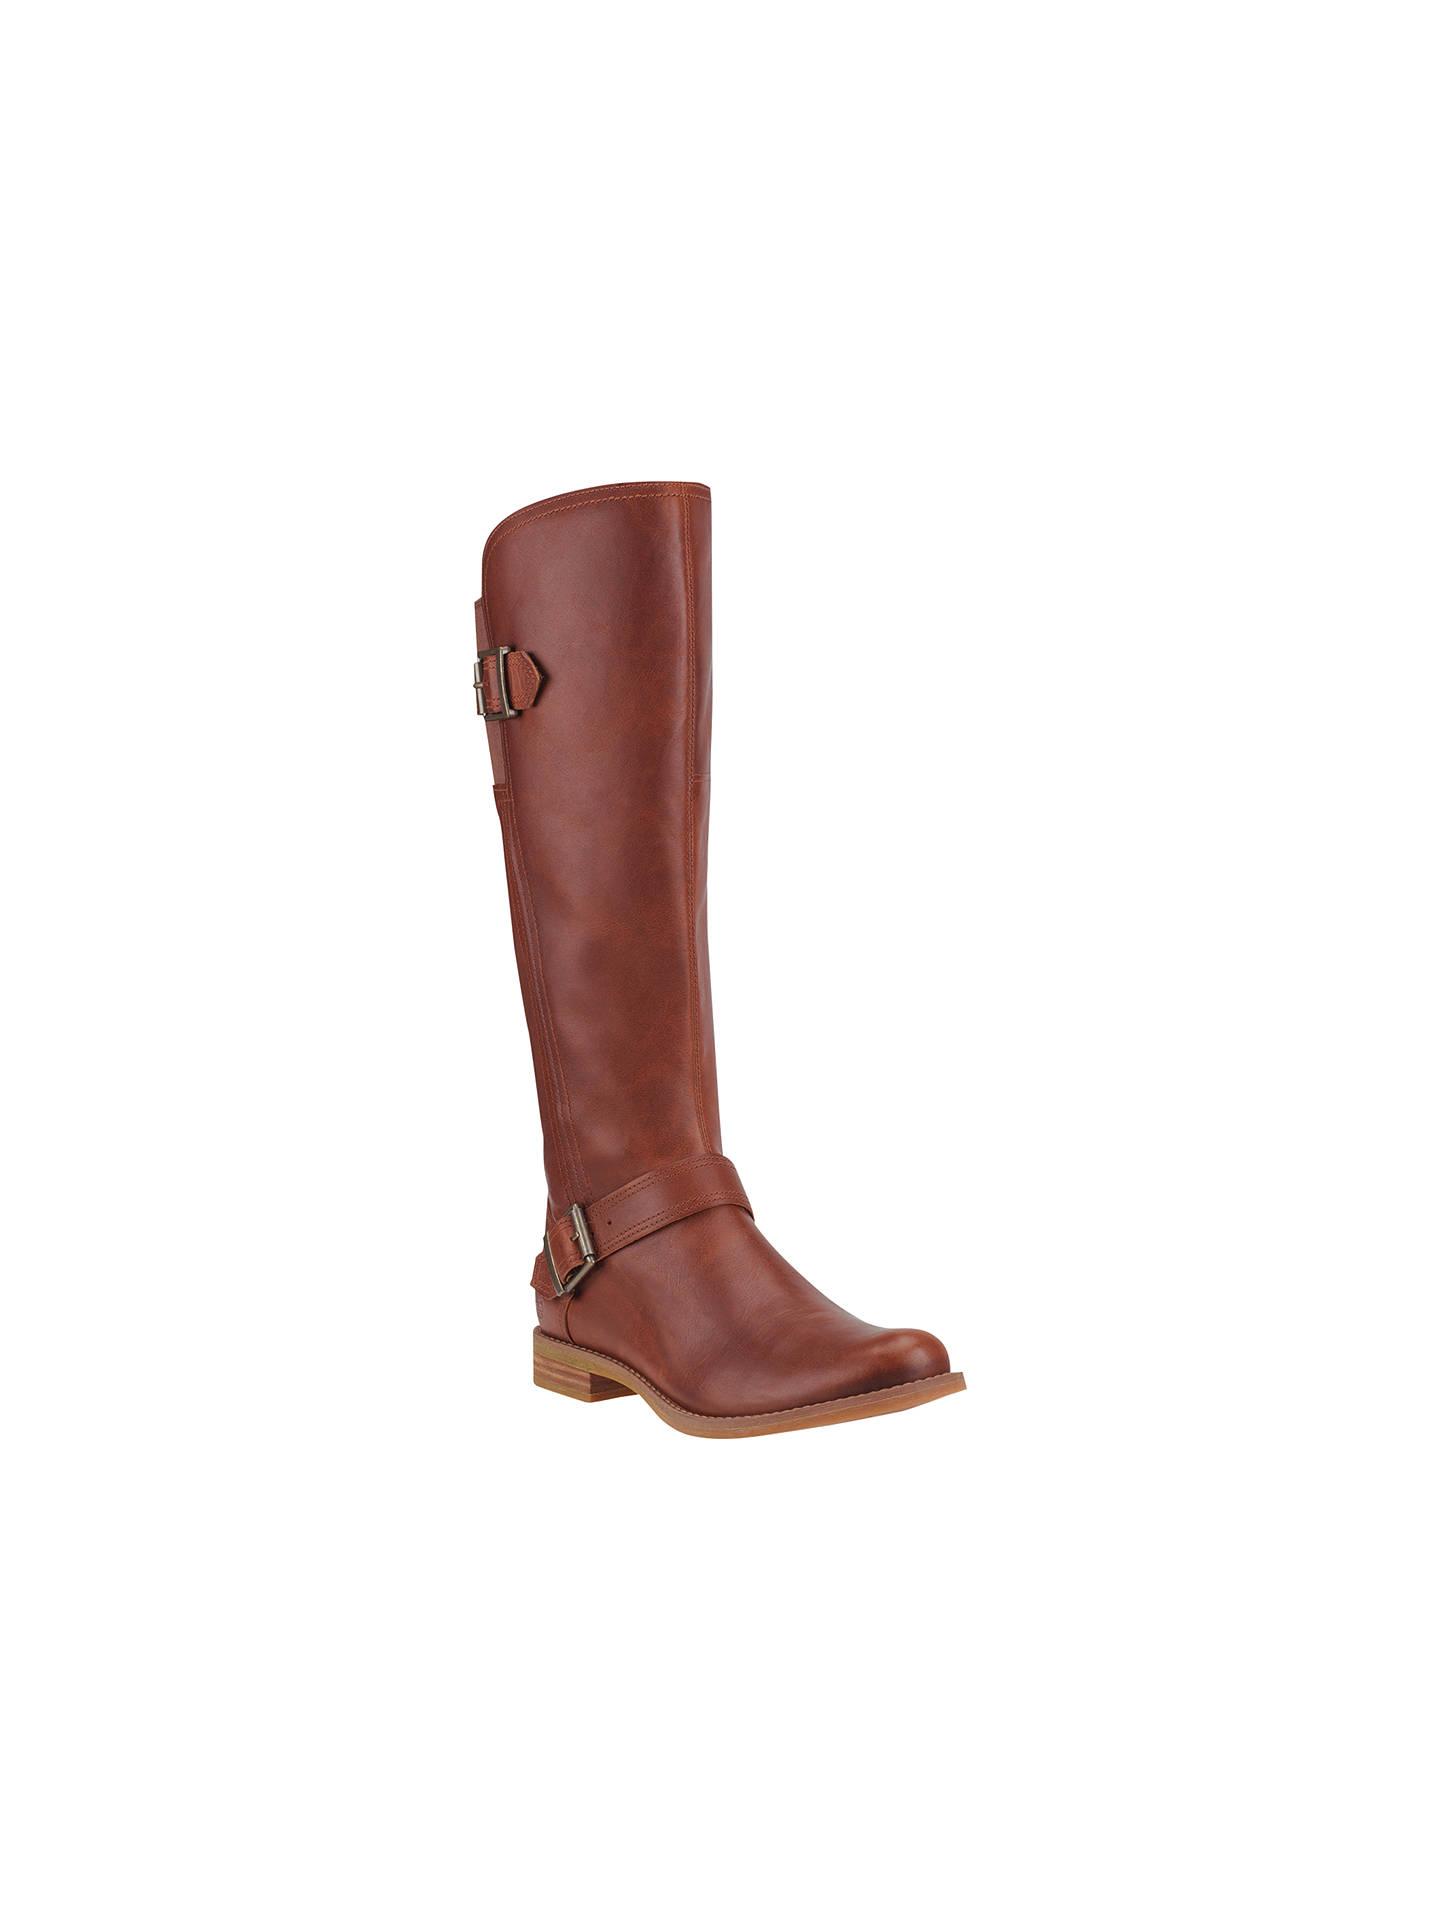 c60a648f7d49 Buy Timberland Women s Savin Hill Buckle Long Boot